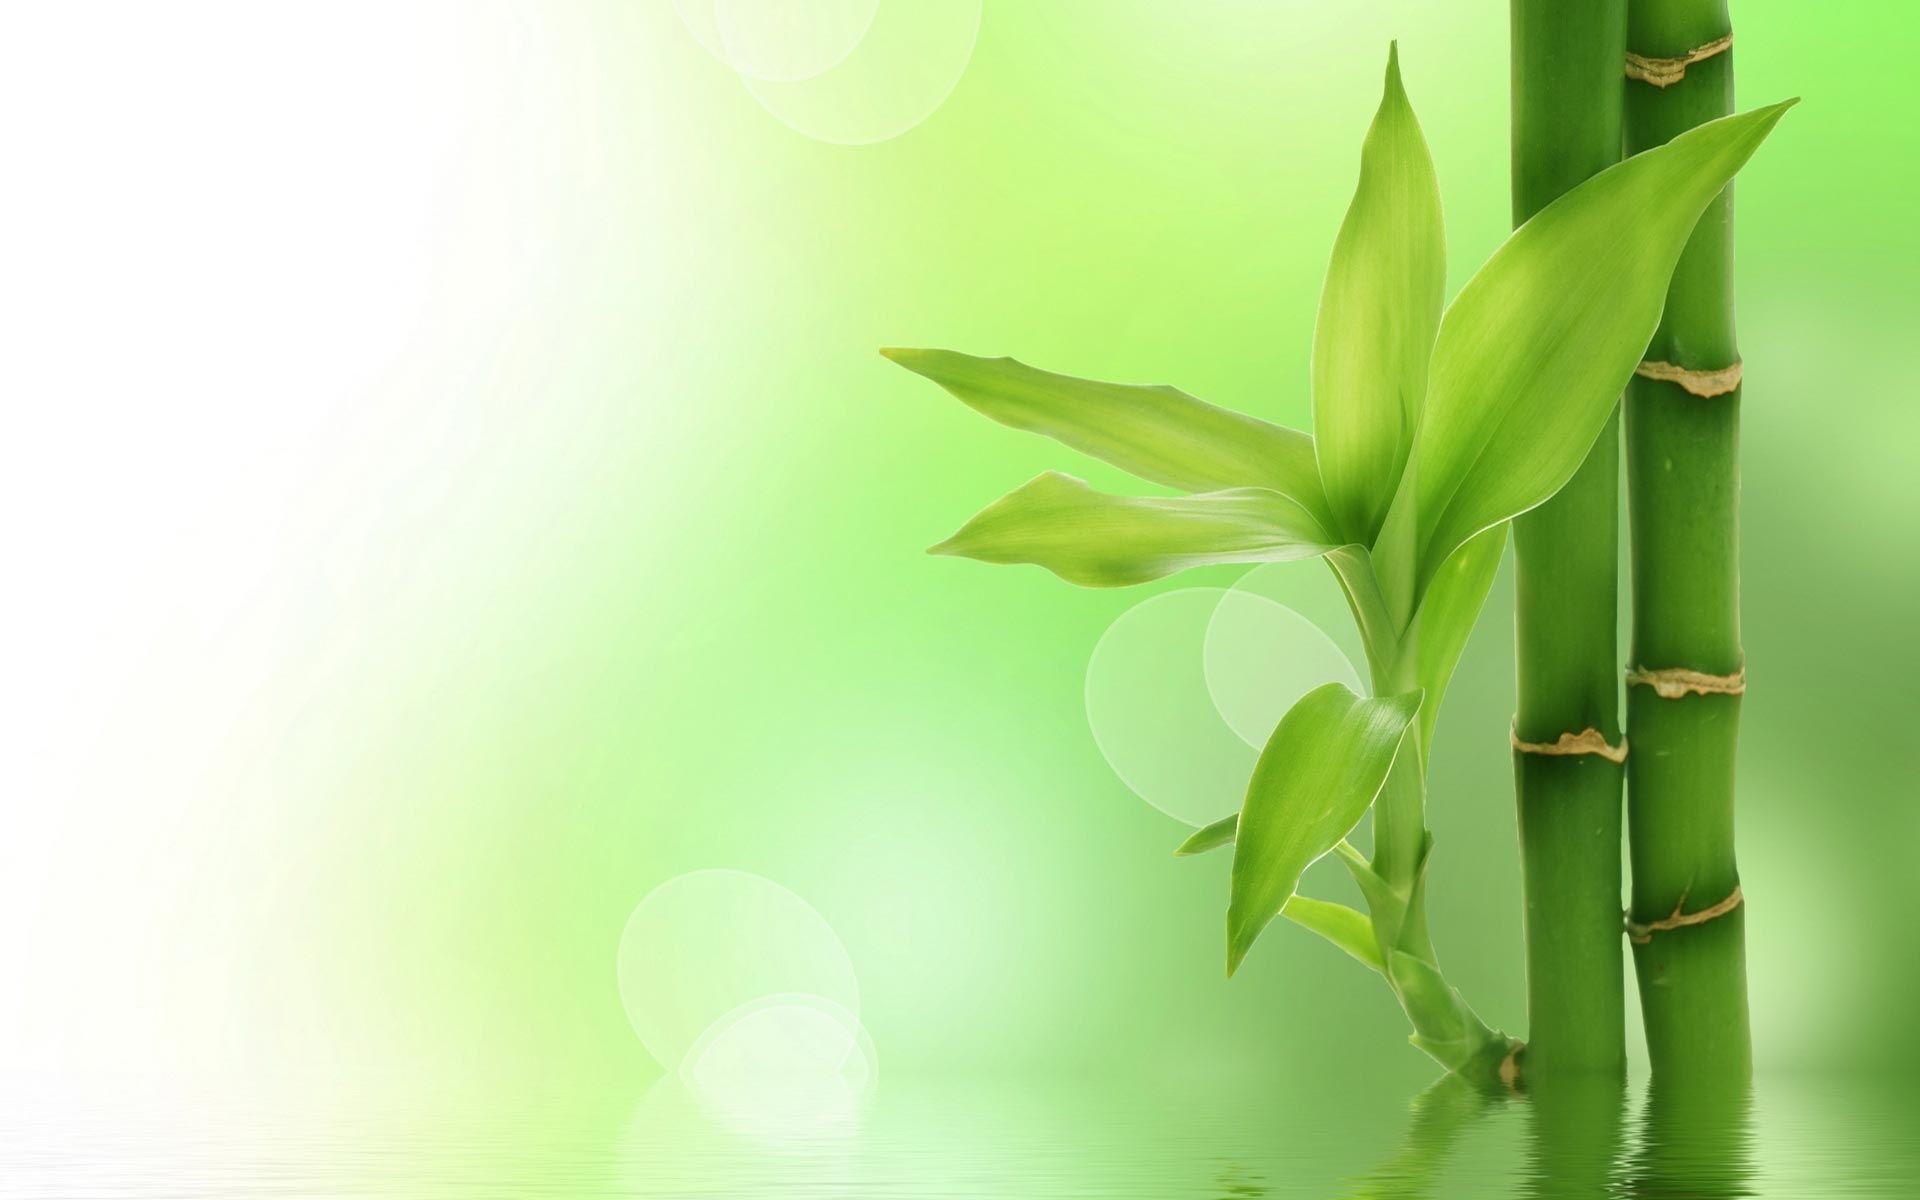 bamboo background nineteen photo - photo #46